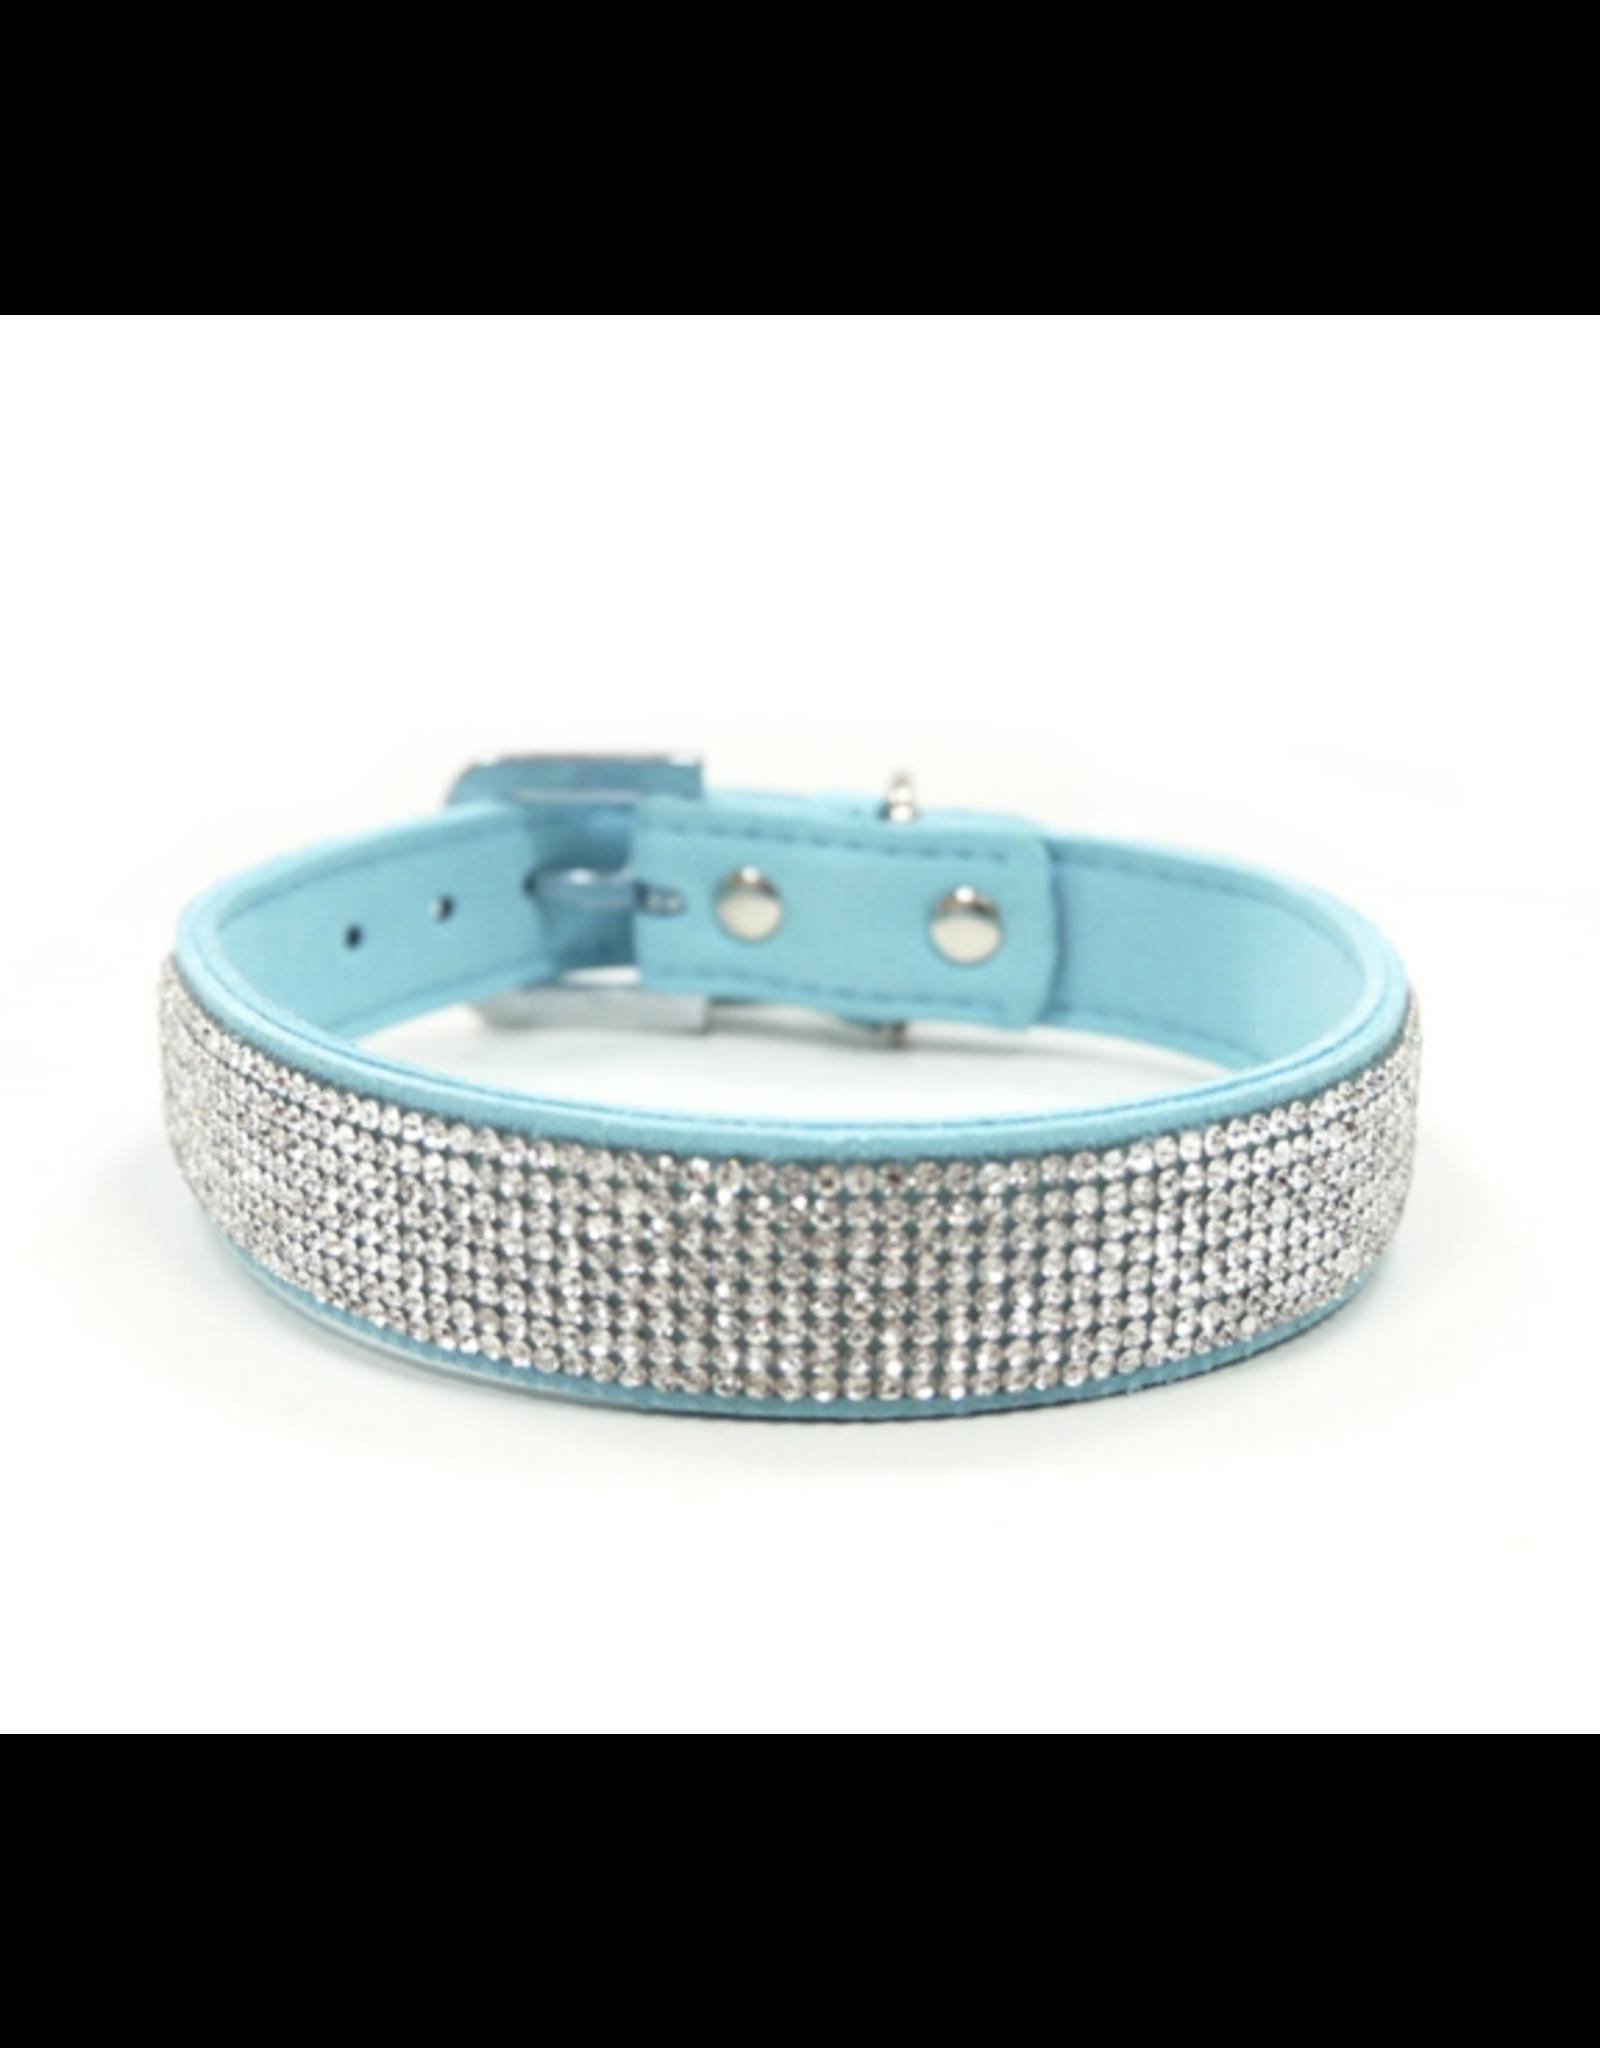 Dogo VIP Bling Collar - Light Blue